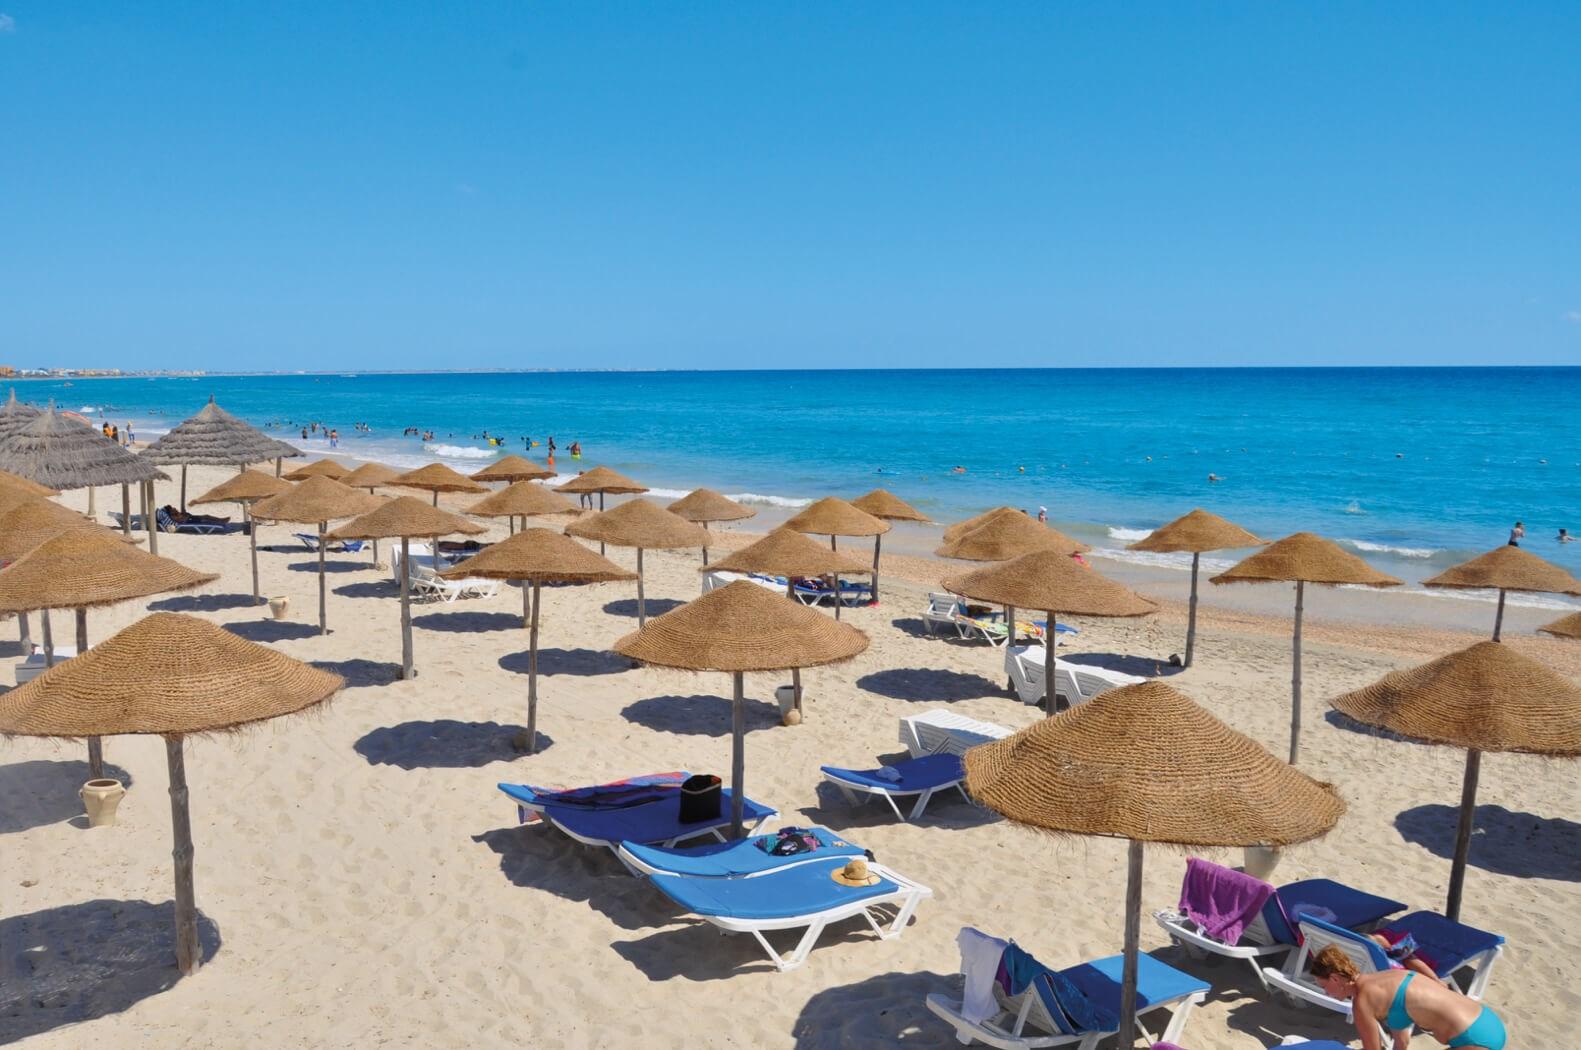 Zjednodušte si prípravu na dovolenku výberom správnej destinácie